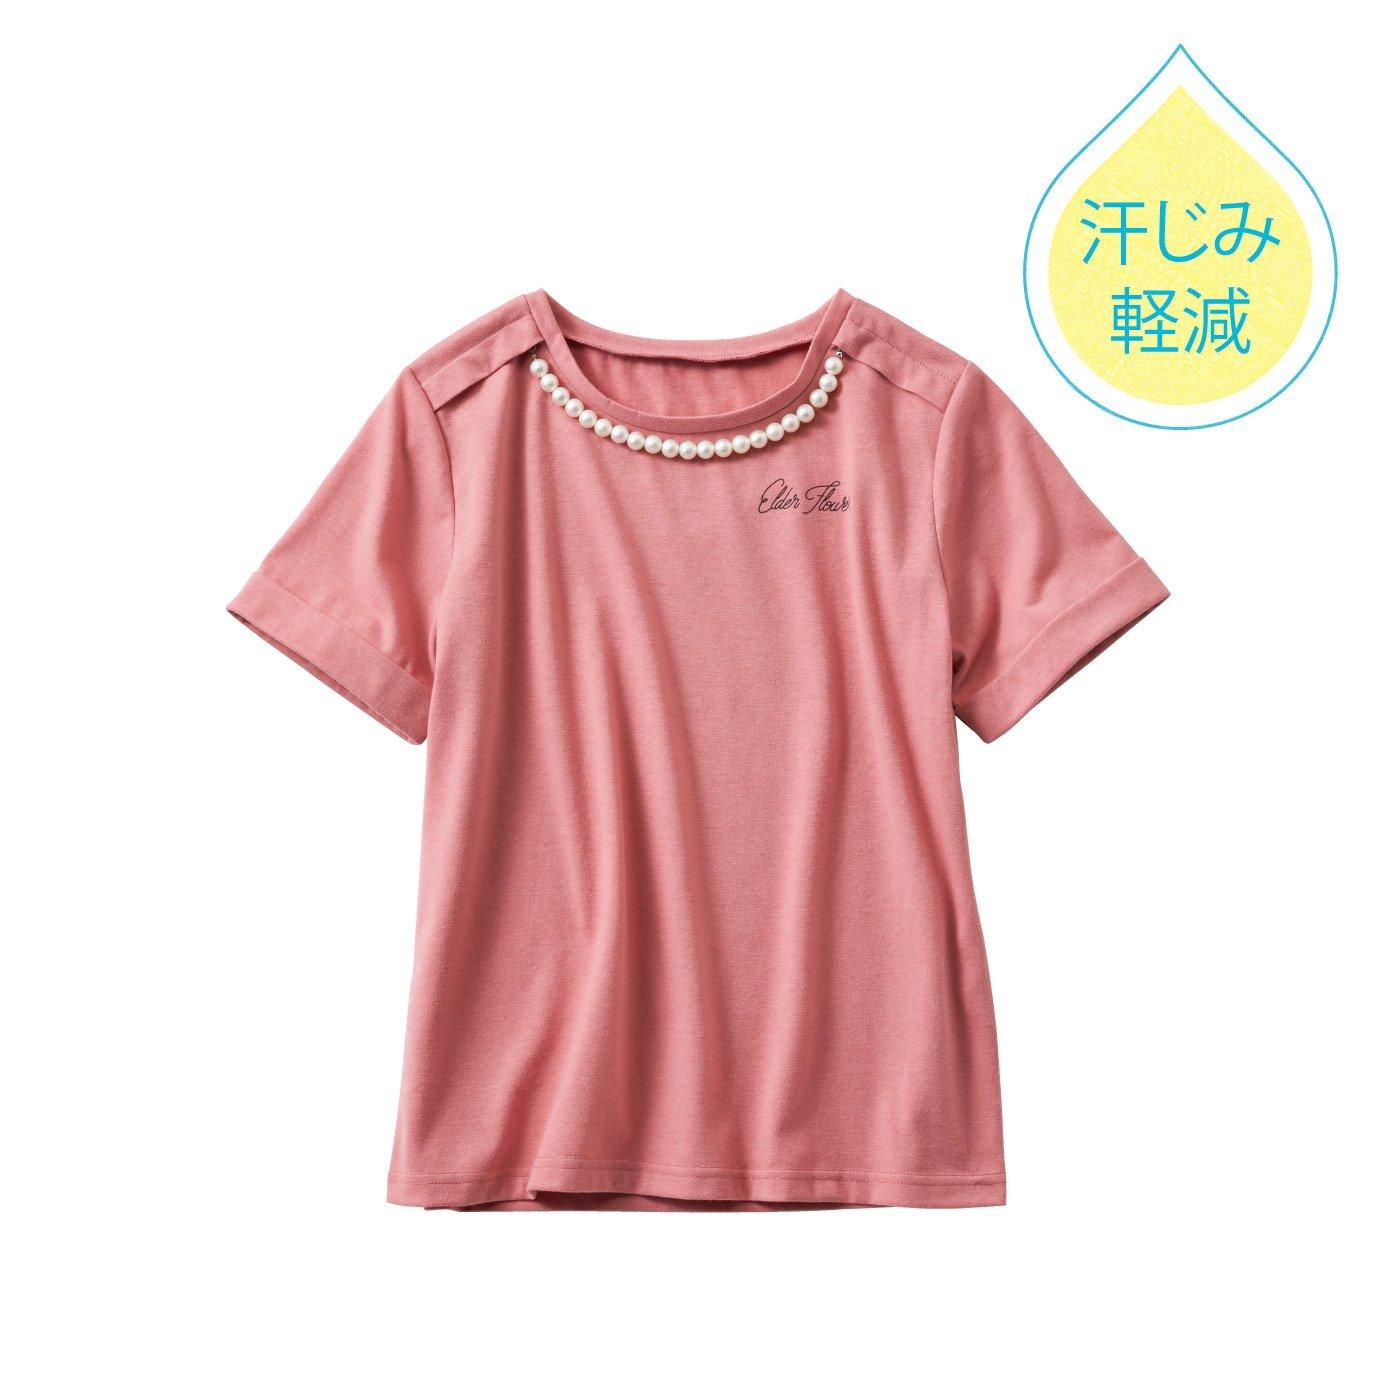 リブ イン コンフォート 汗じみが気にならない パール風モチーフ付きロゴTシャツ〈スモーキーピンク〉